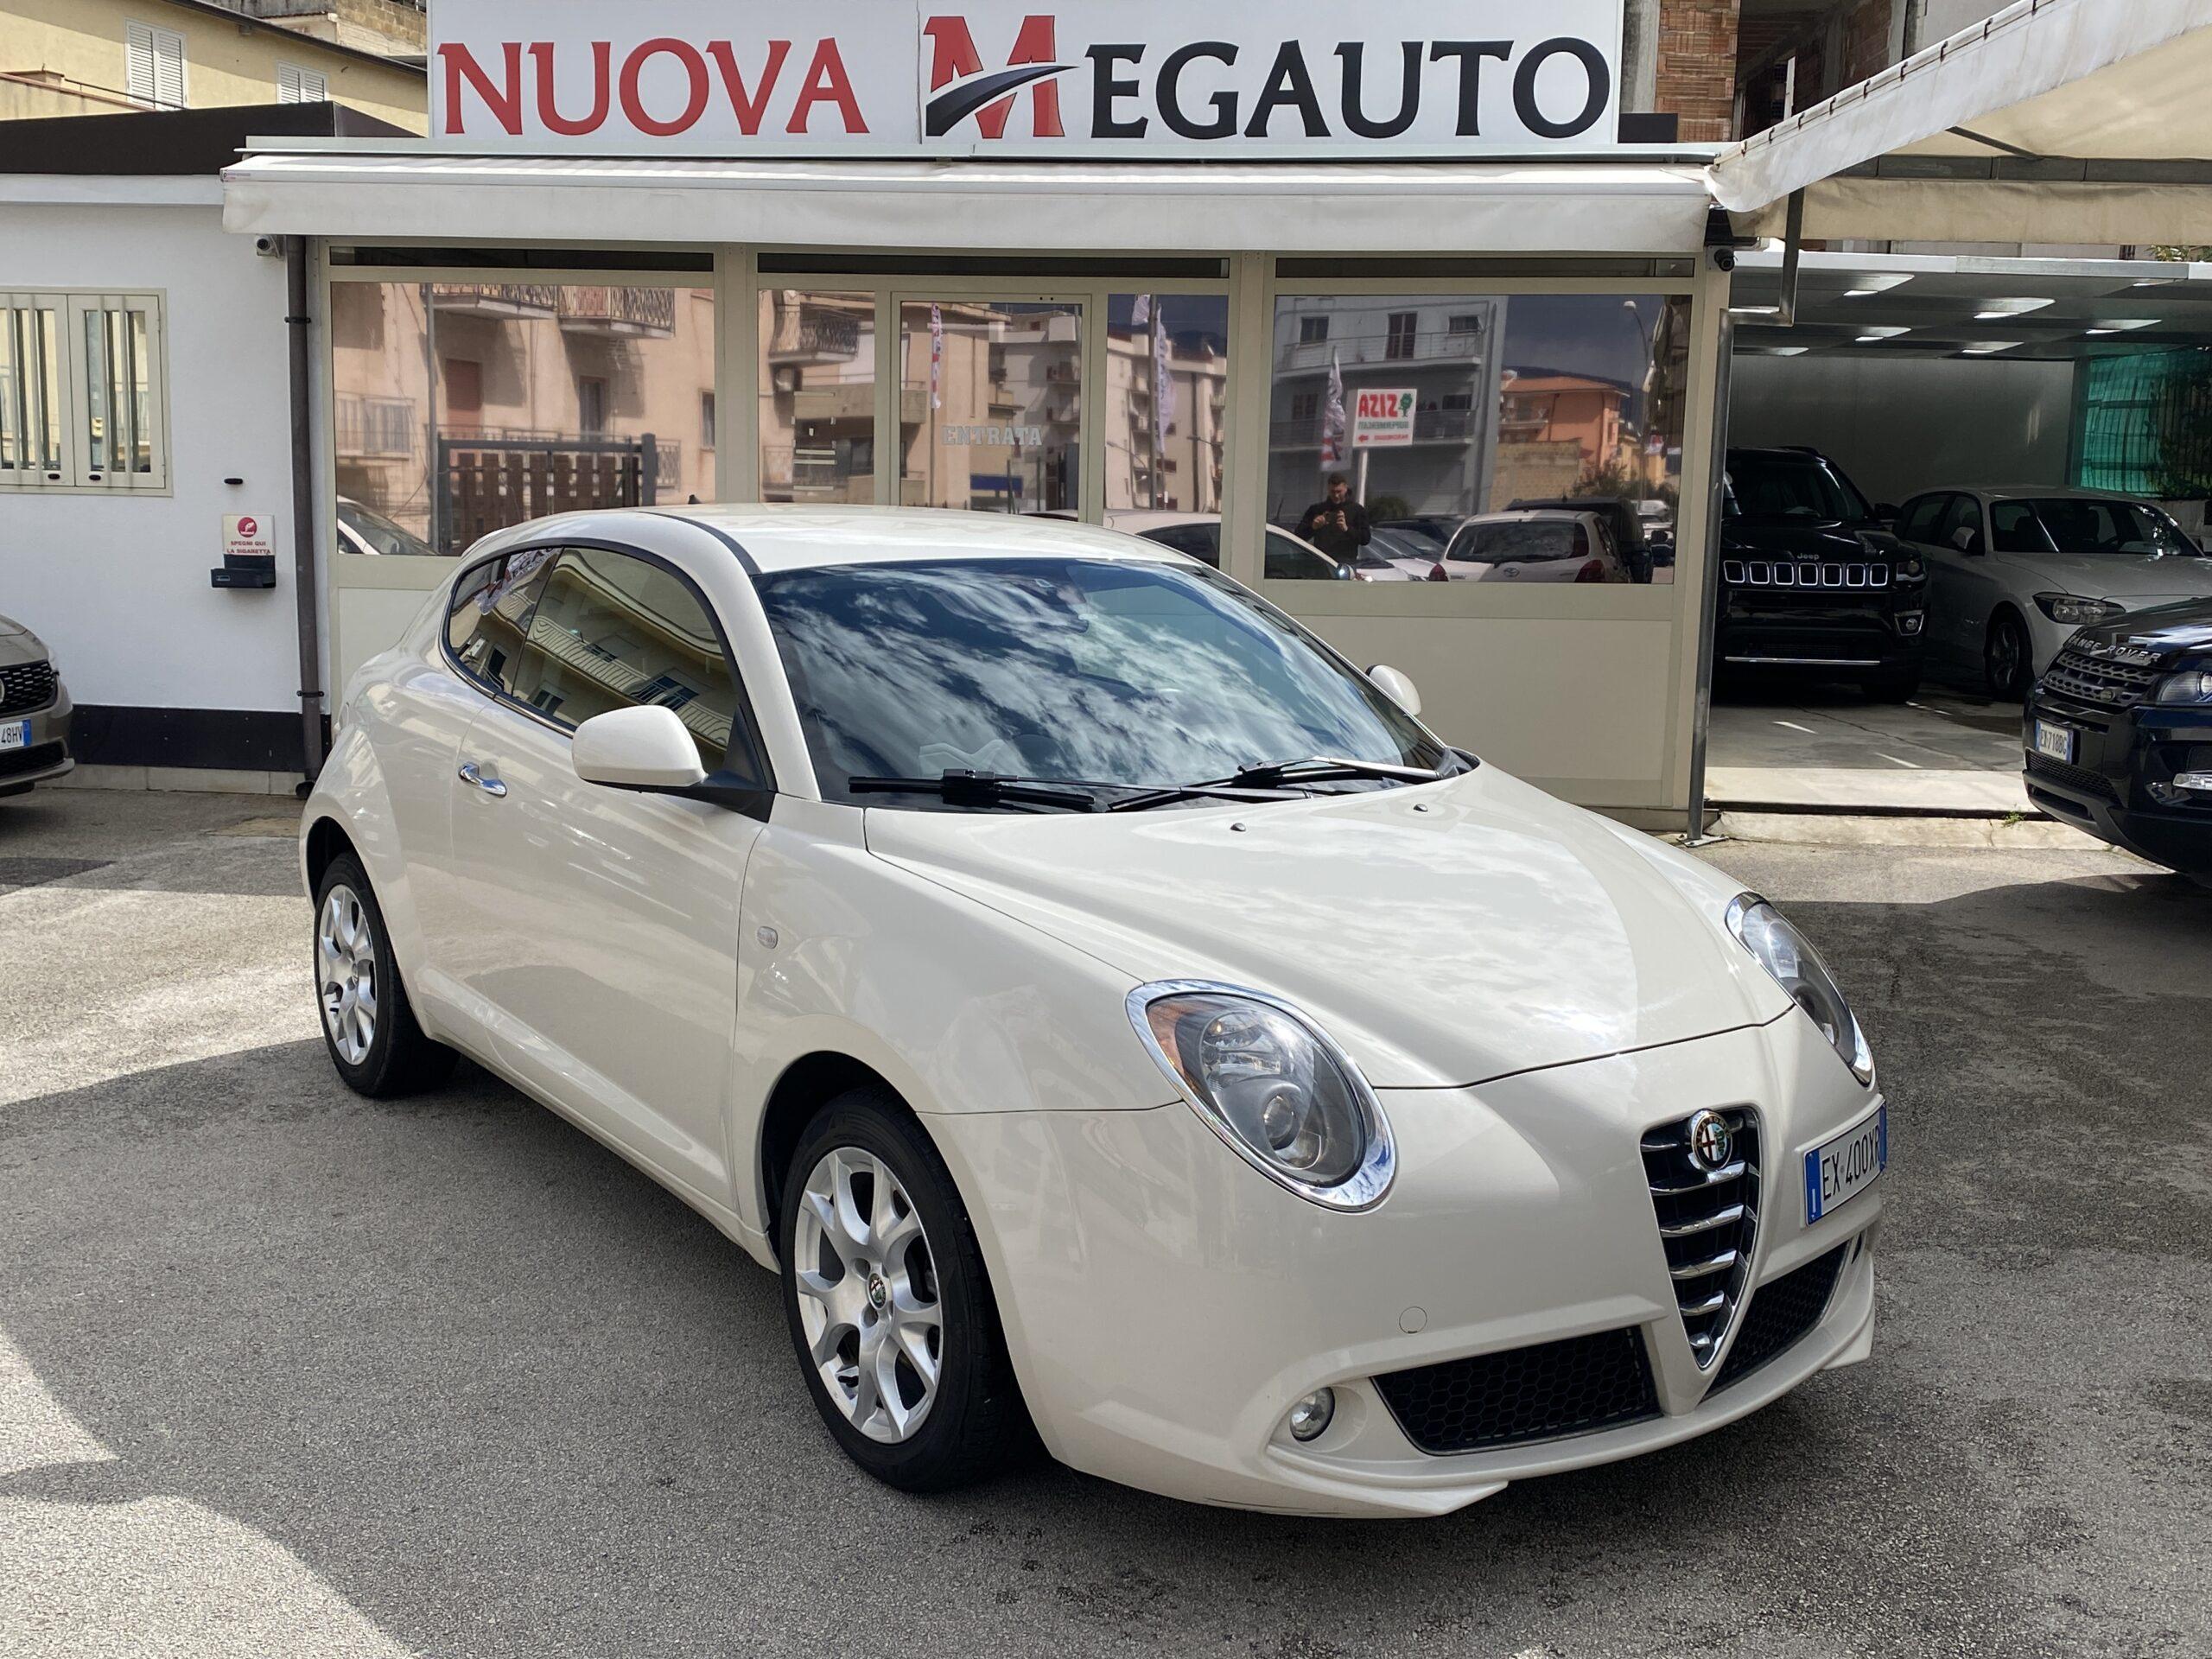 Alfa Romeo Mito 1.6 JTDm-2 S&S Distinctive 2015